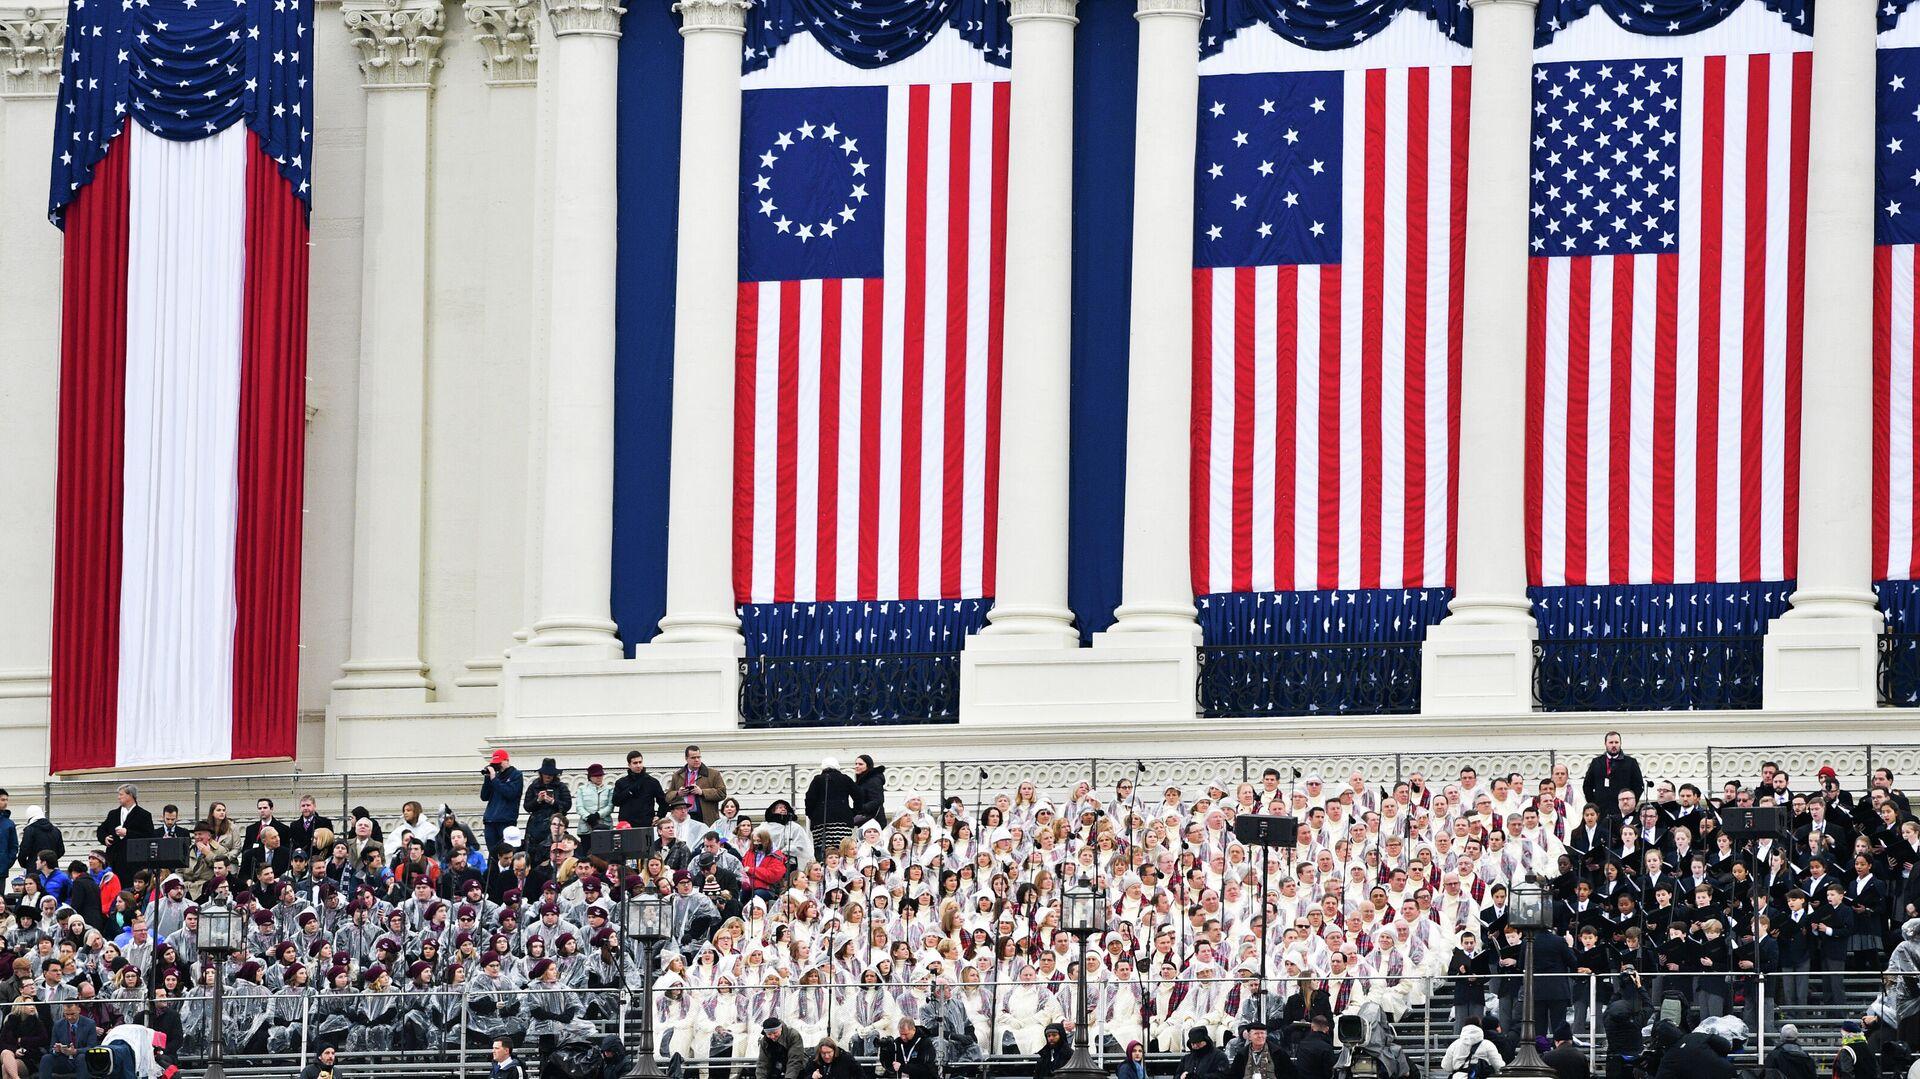 Американца задержали за угрозы убийства демократов в день инаугурации